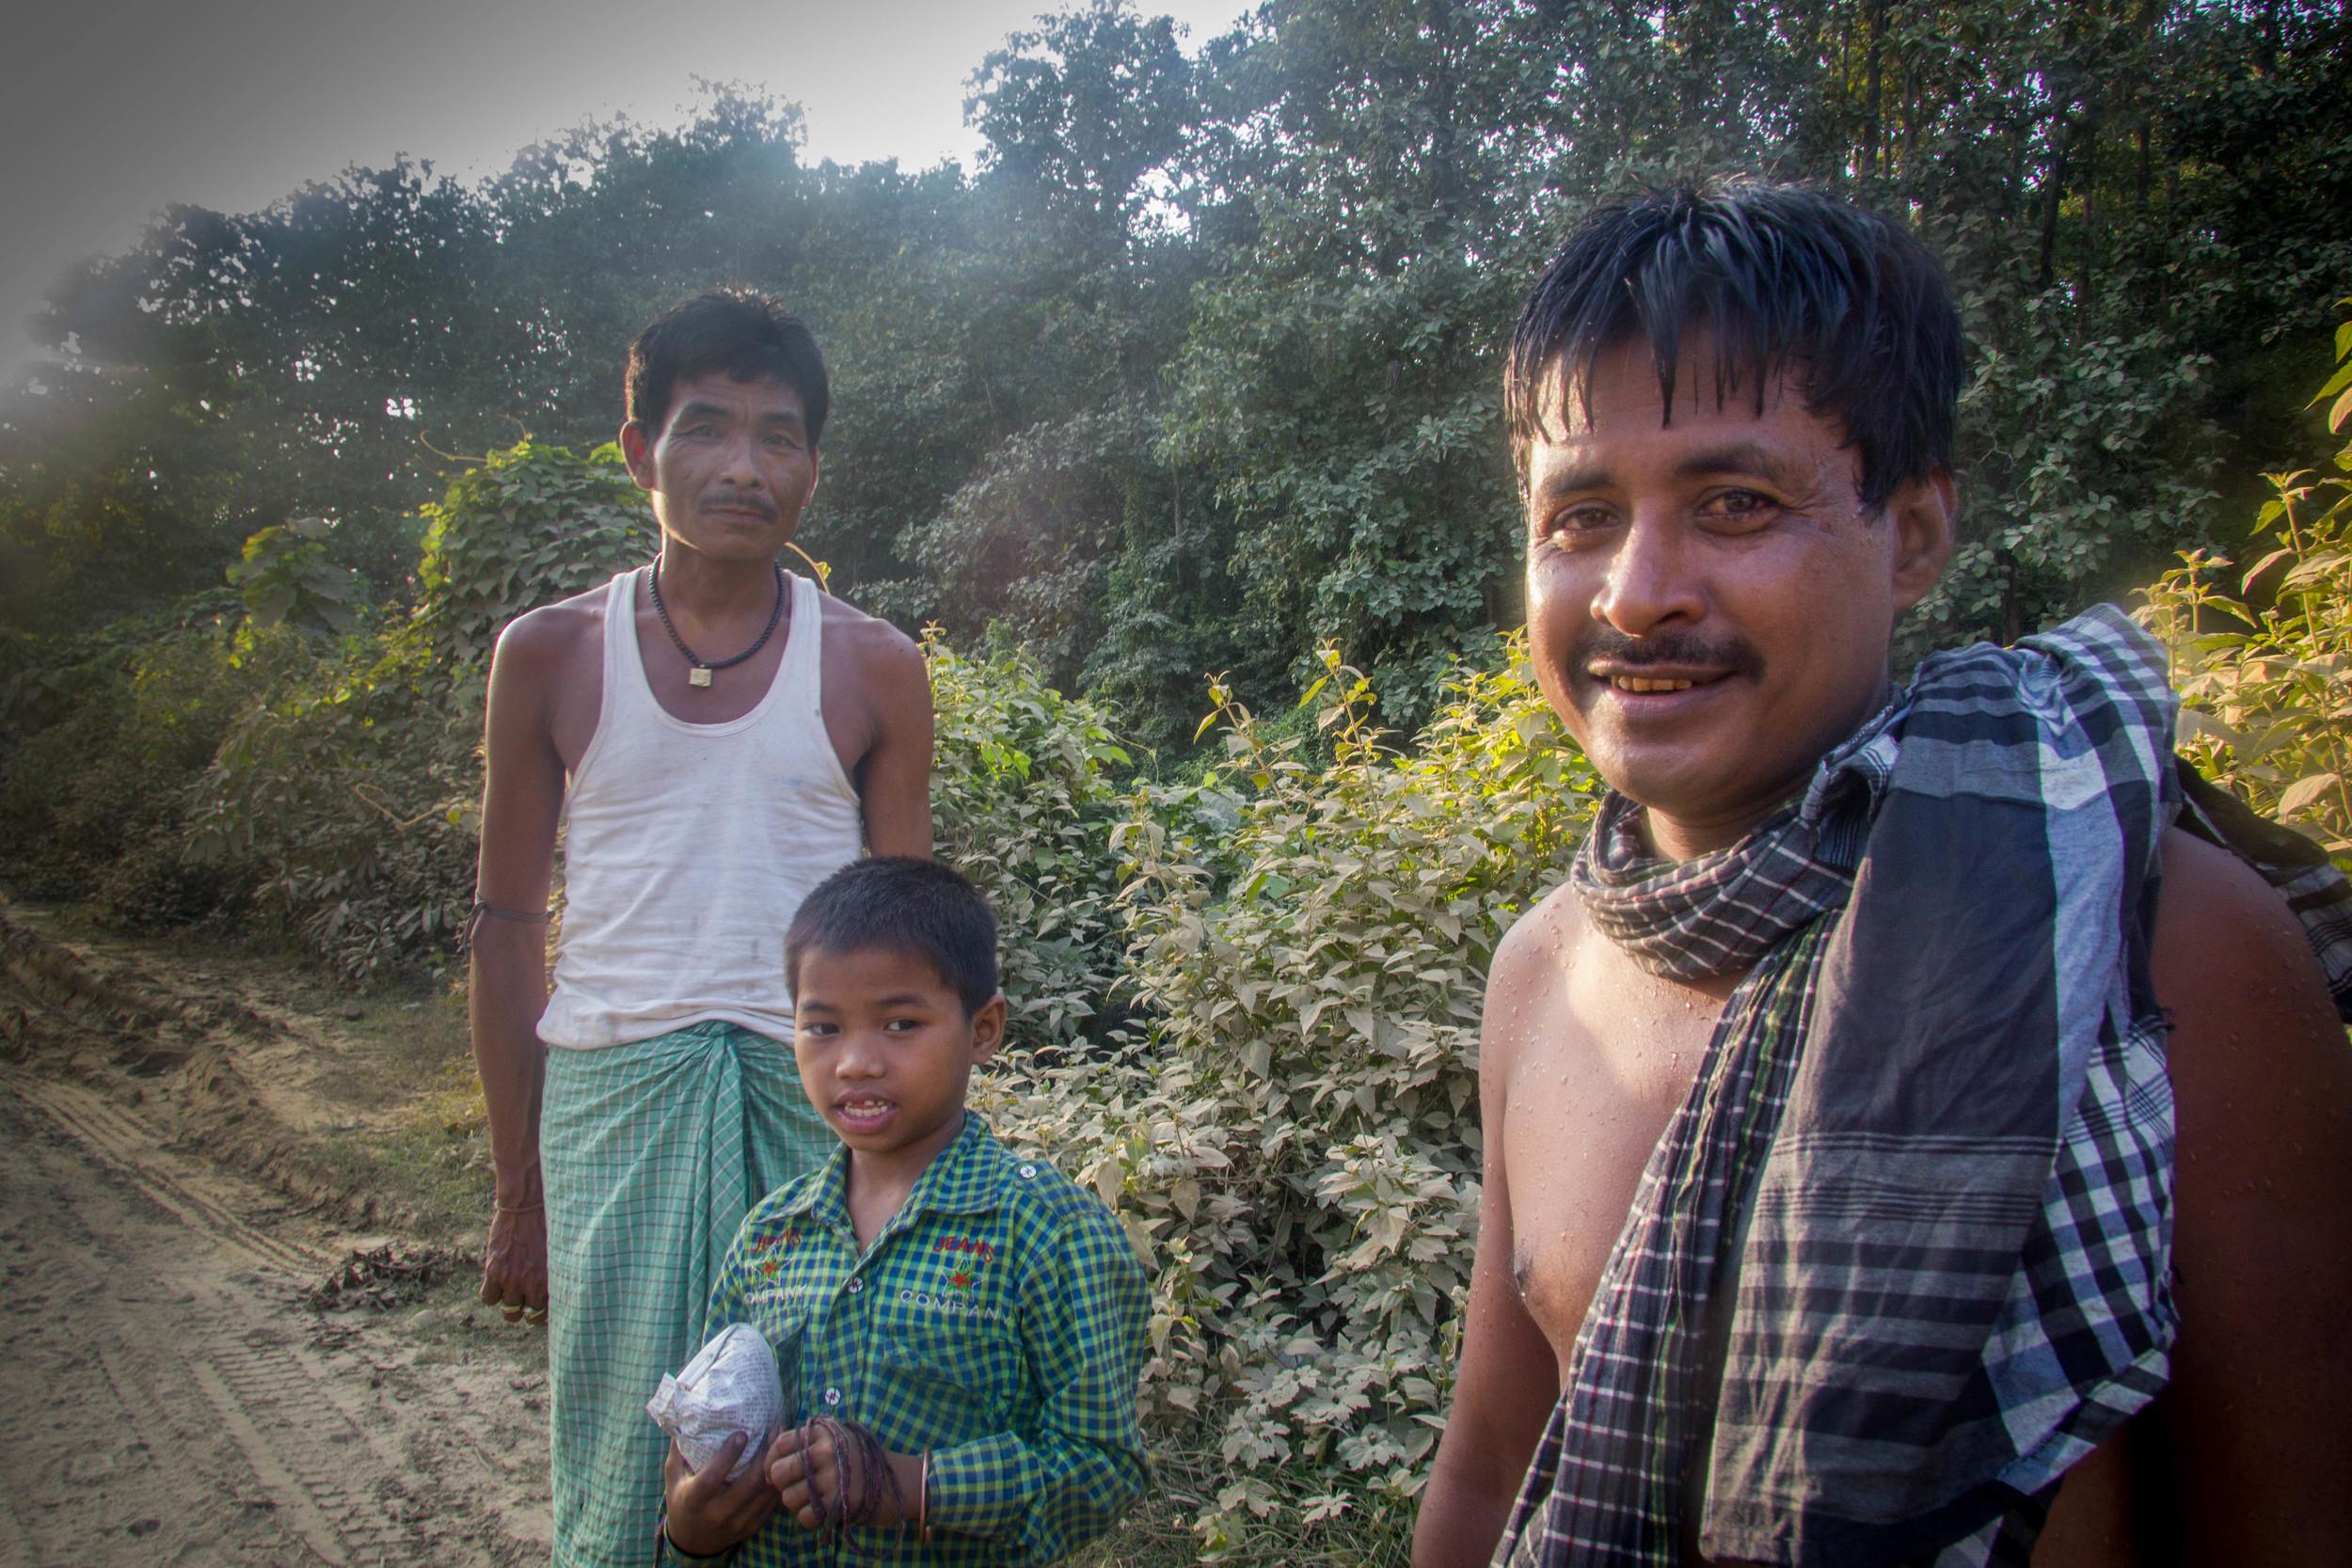 The ethnic mix of Nagaland